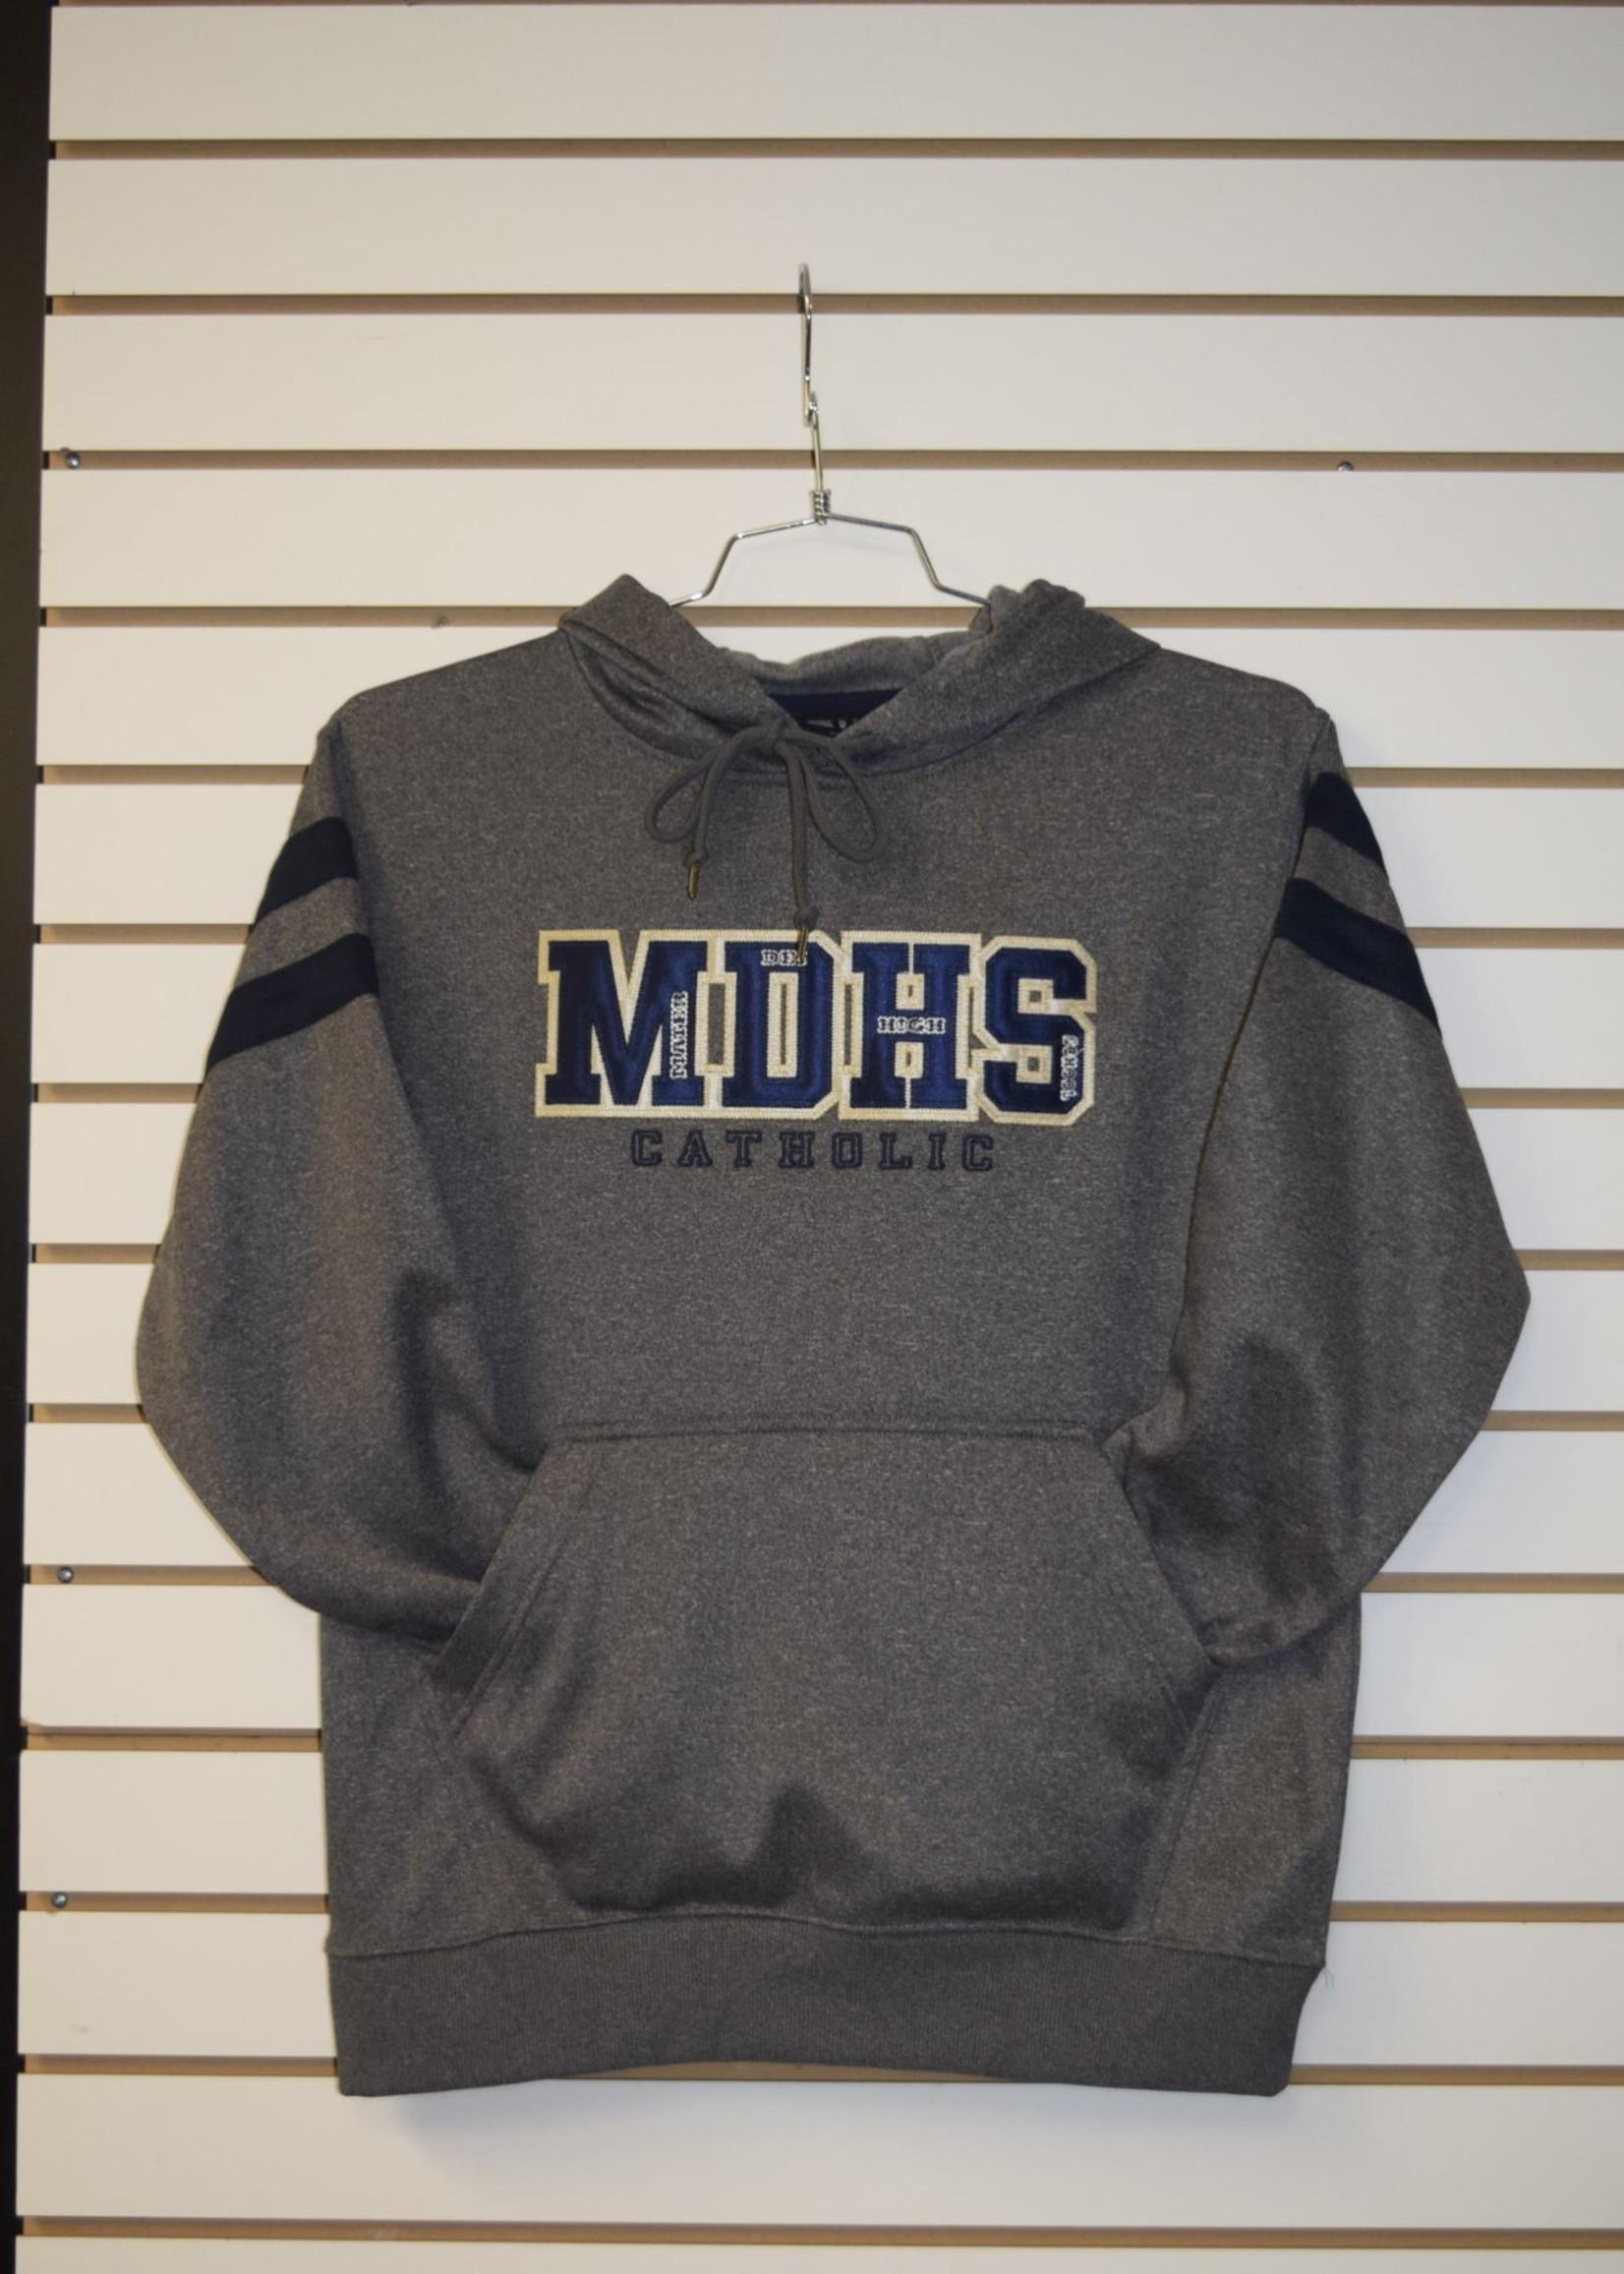 BAW MDCHS Adult Hybrid Fleece w/ Navy stripes